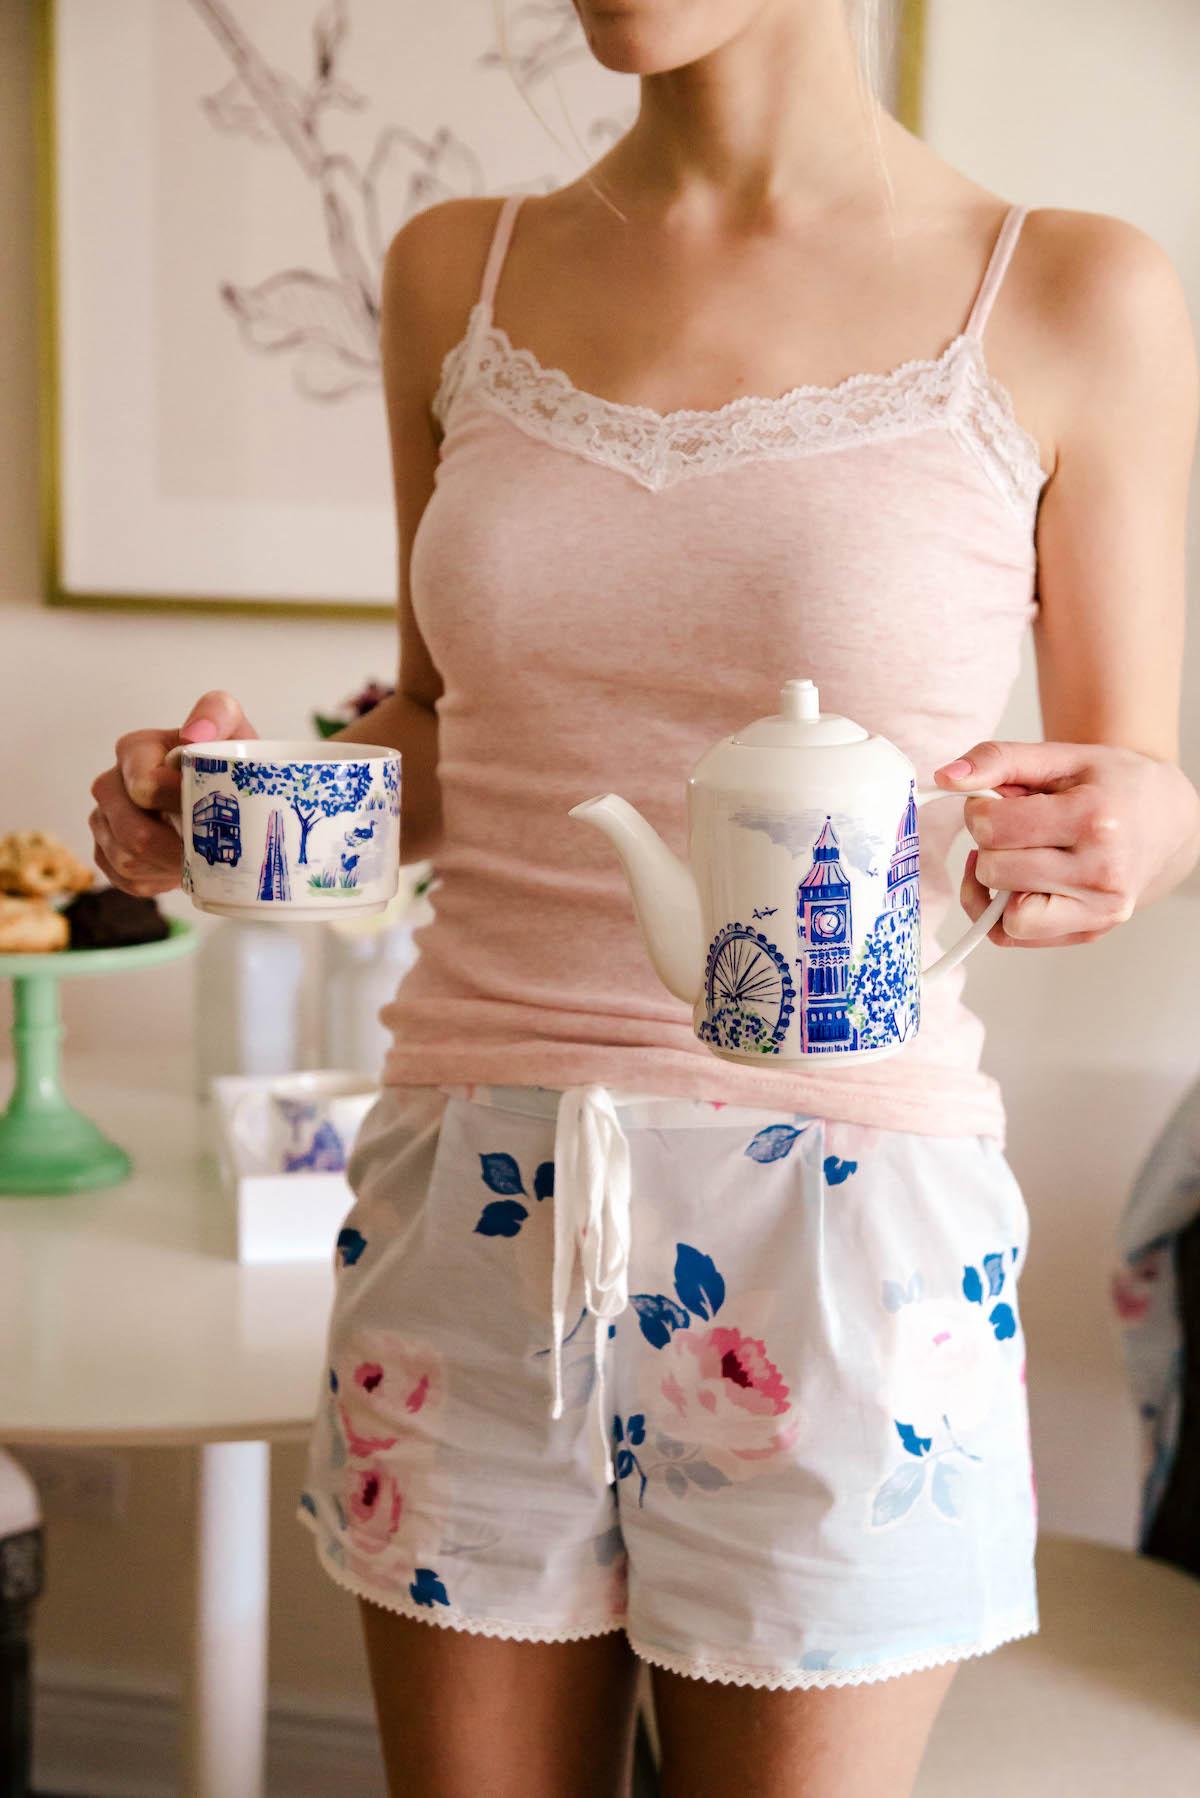 Cath Kidston Tea Set & Pajamas